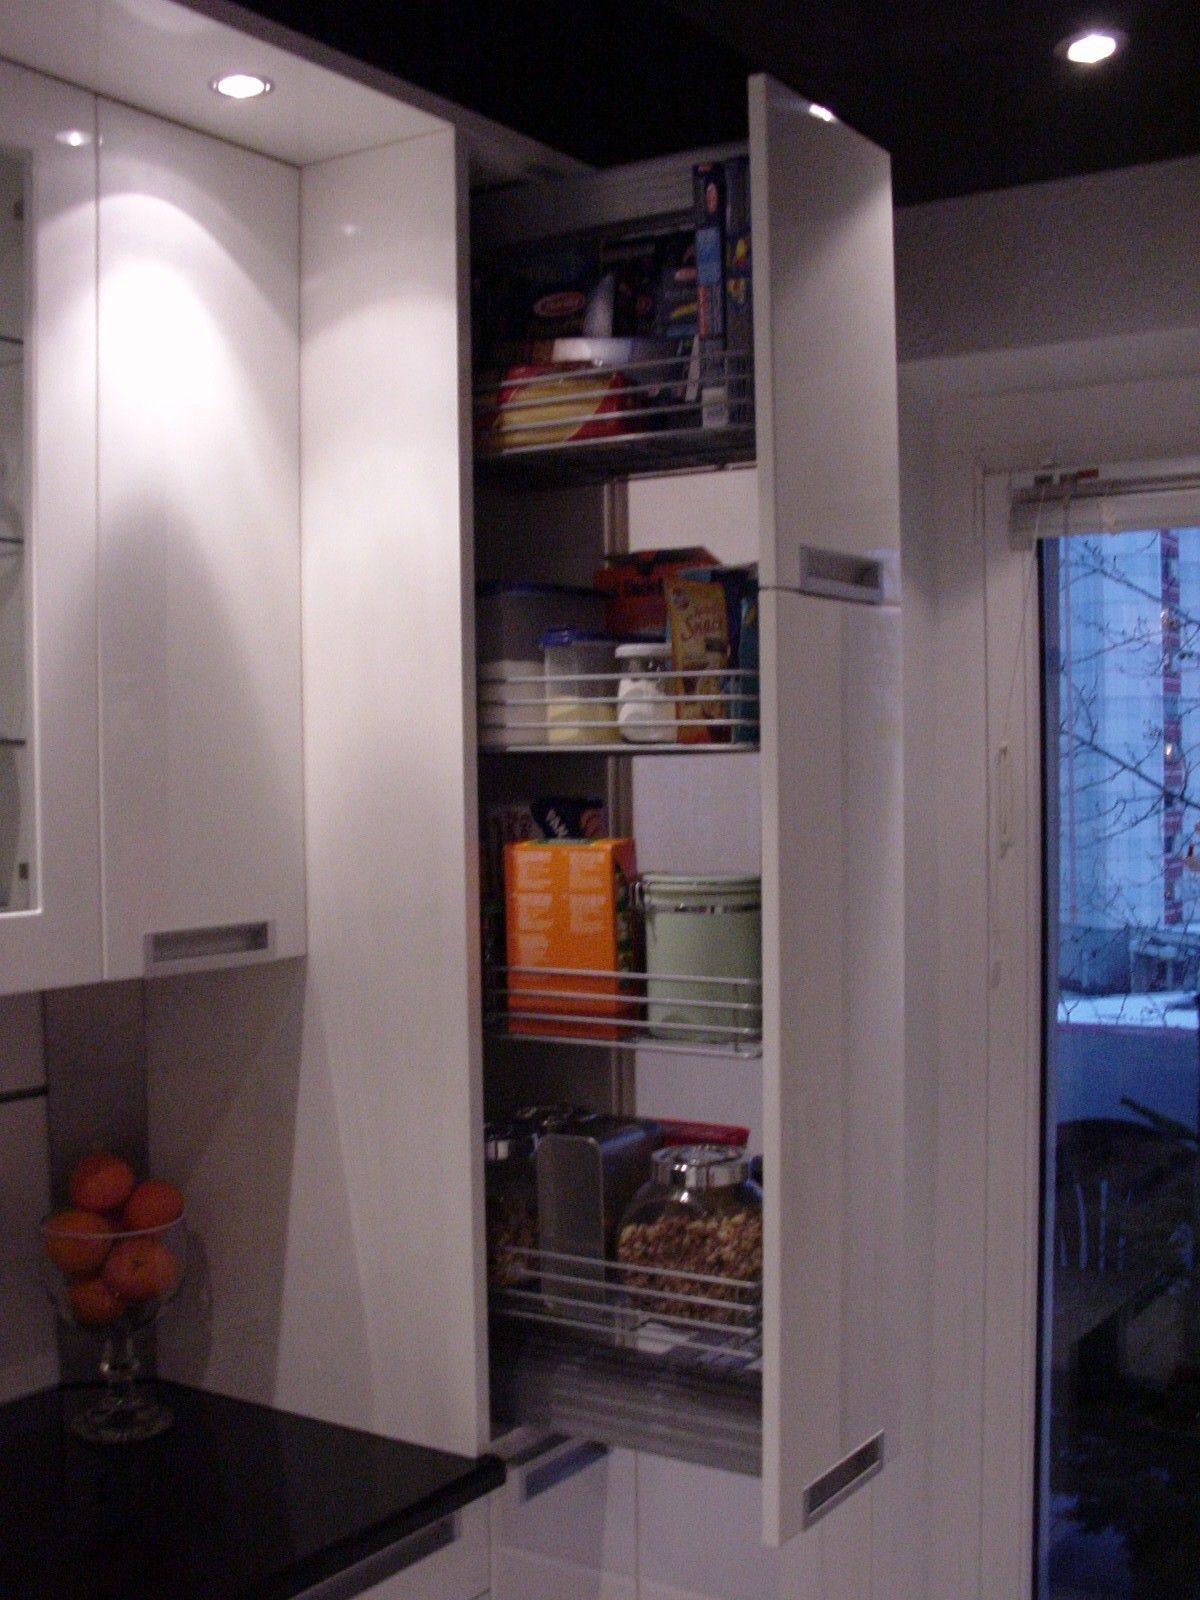 Full Size of Apothekerschrank Ikea Kleiderschrank Tren Einzeln Kaufen Kche Küche Modulküche Kosten Betten Bei 160x200 Sofa Mit Schlaffunktion Miniküche Wohnzimmer Apothekerschrank Ikea